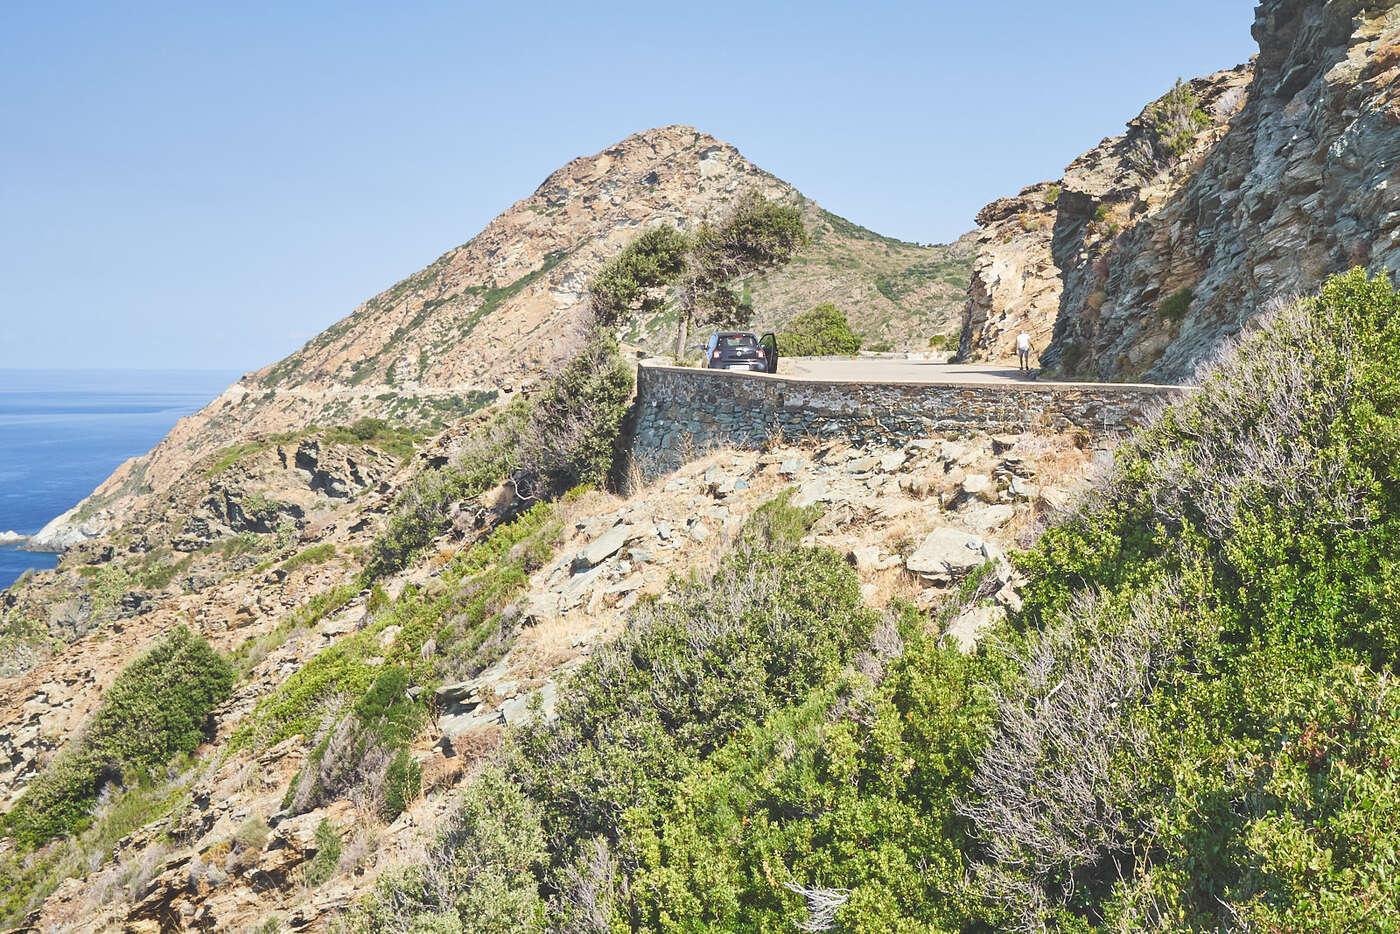 Paysages du Cap Corse